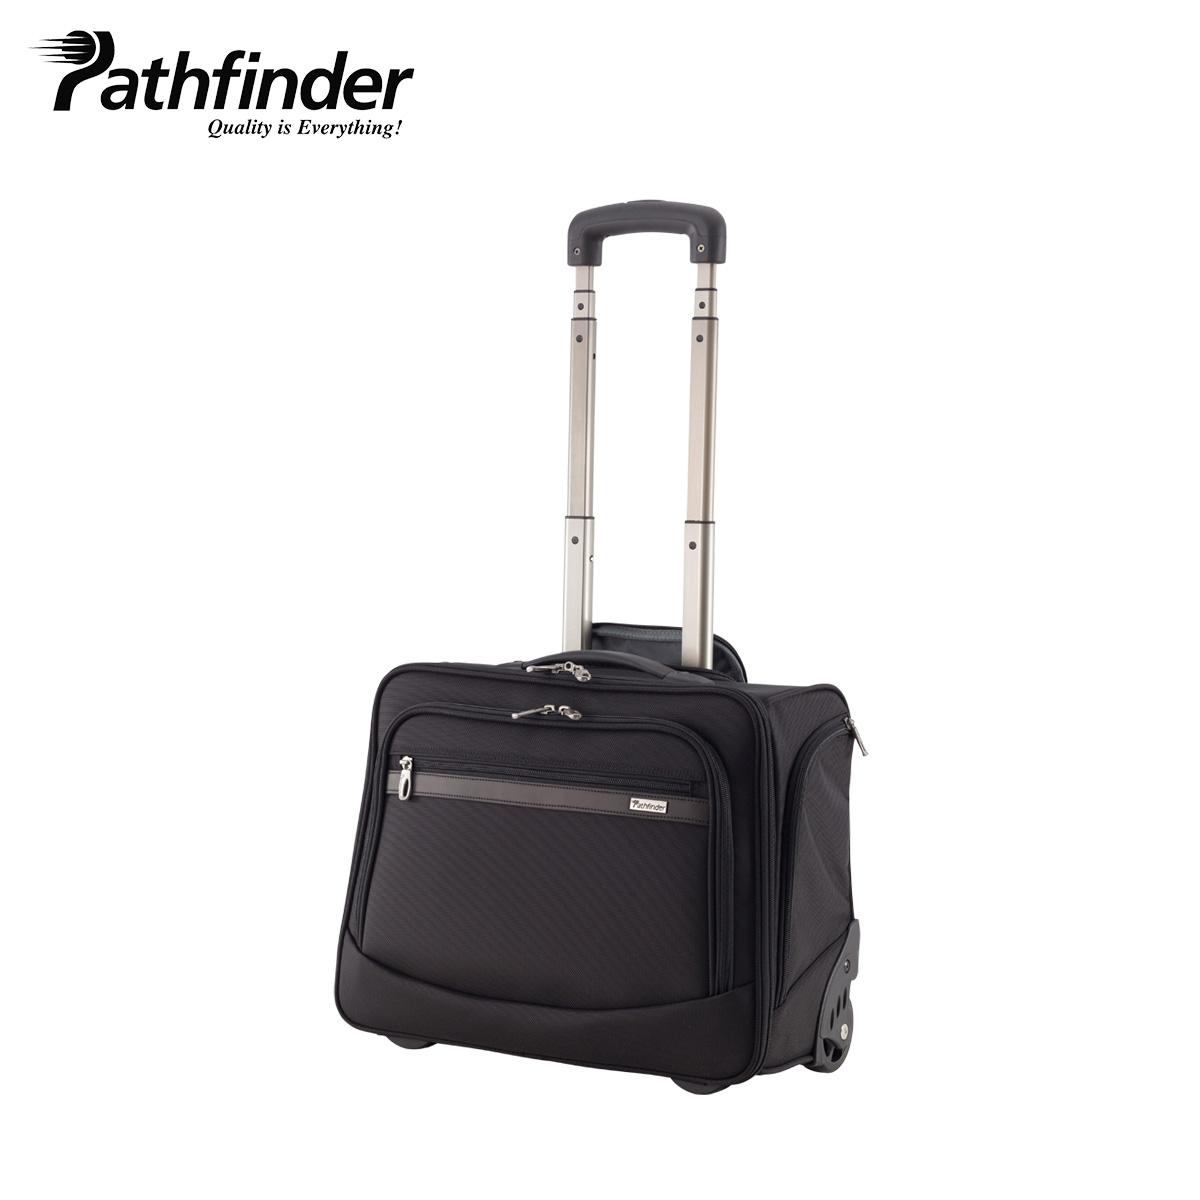 パスファインダー Pathfinder バッグ キャリーケース キャリーバッグ スーツケース 20L メンズ 機内持ち込み ソフト AVENGER ブラック 黒 PF1817B